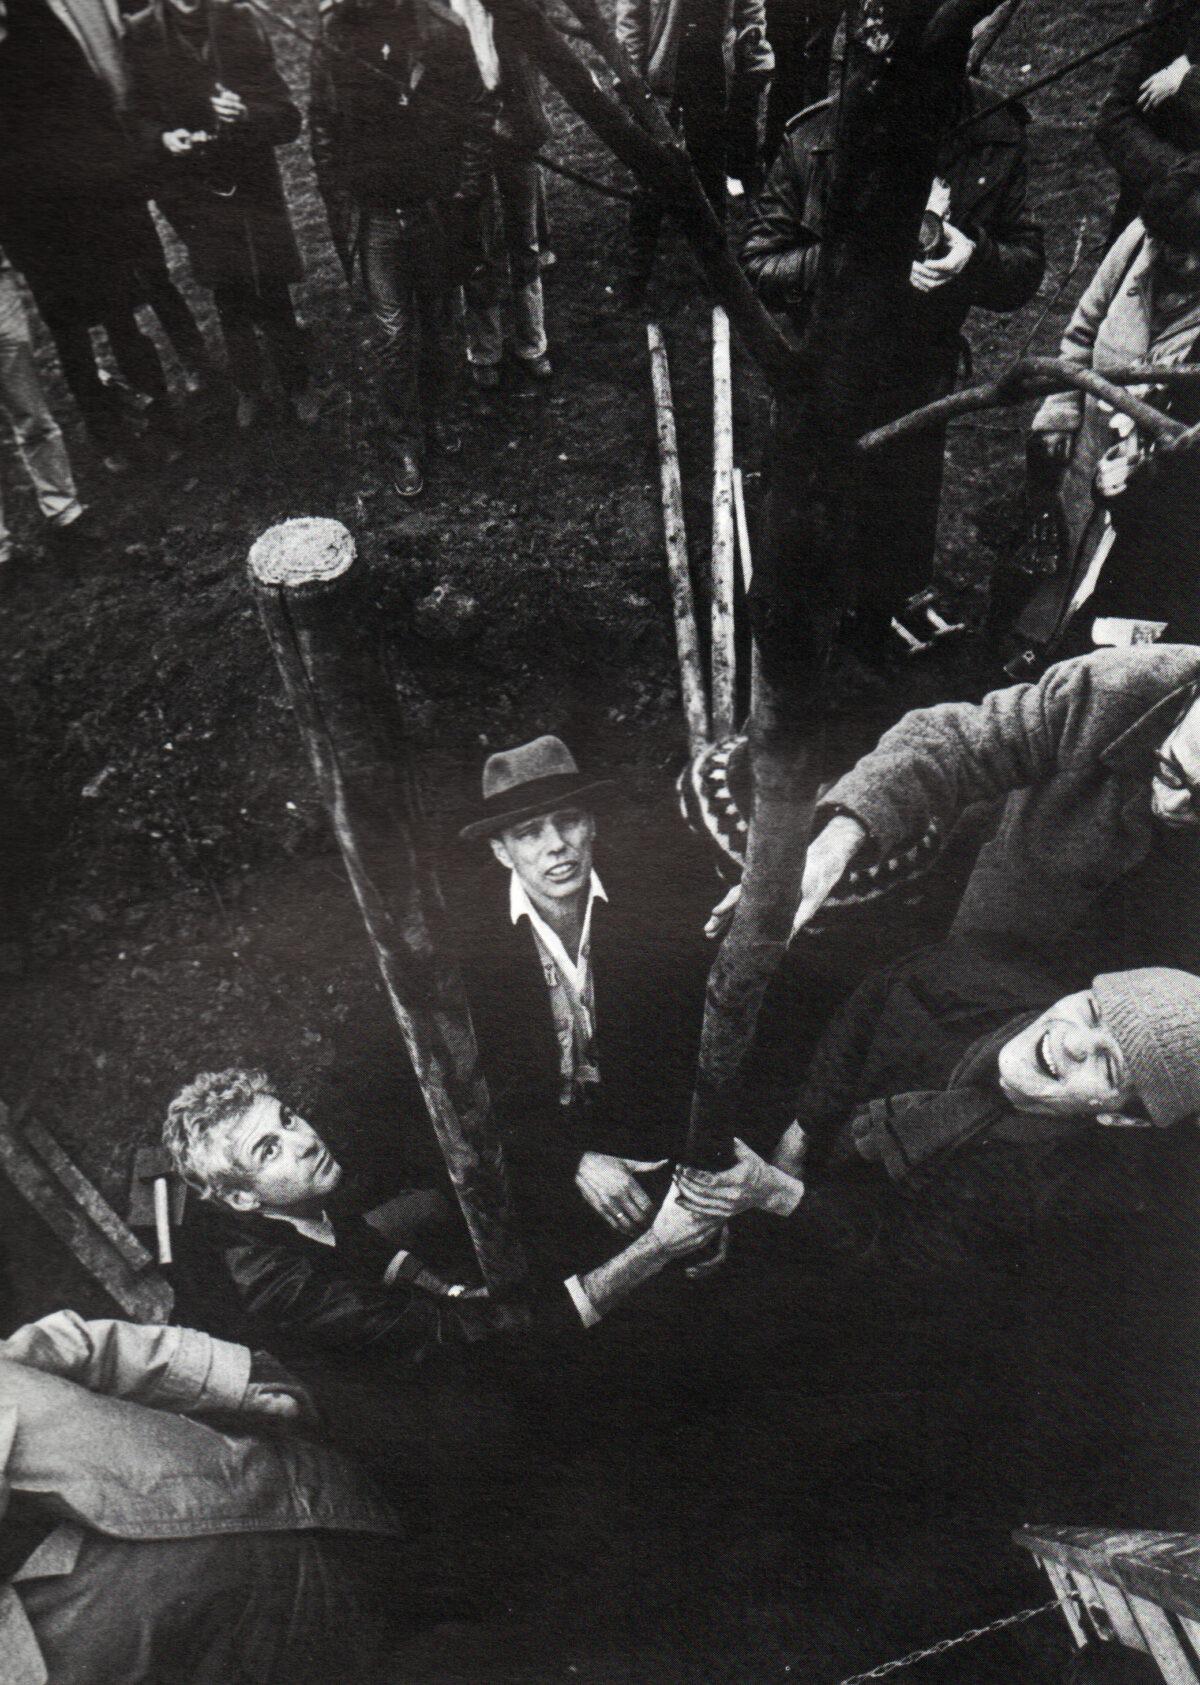 """Joseph Beuys: """"Plantation 700 Tress"""", Documenta 7, Kassel, Friedrichsplatz, 16/03/1982. Foto: Dieter Schwerdtle."""